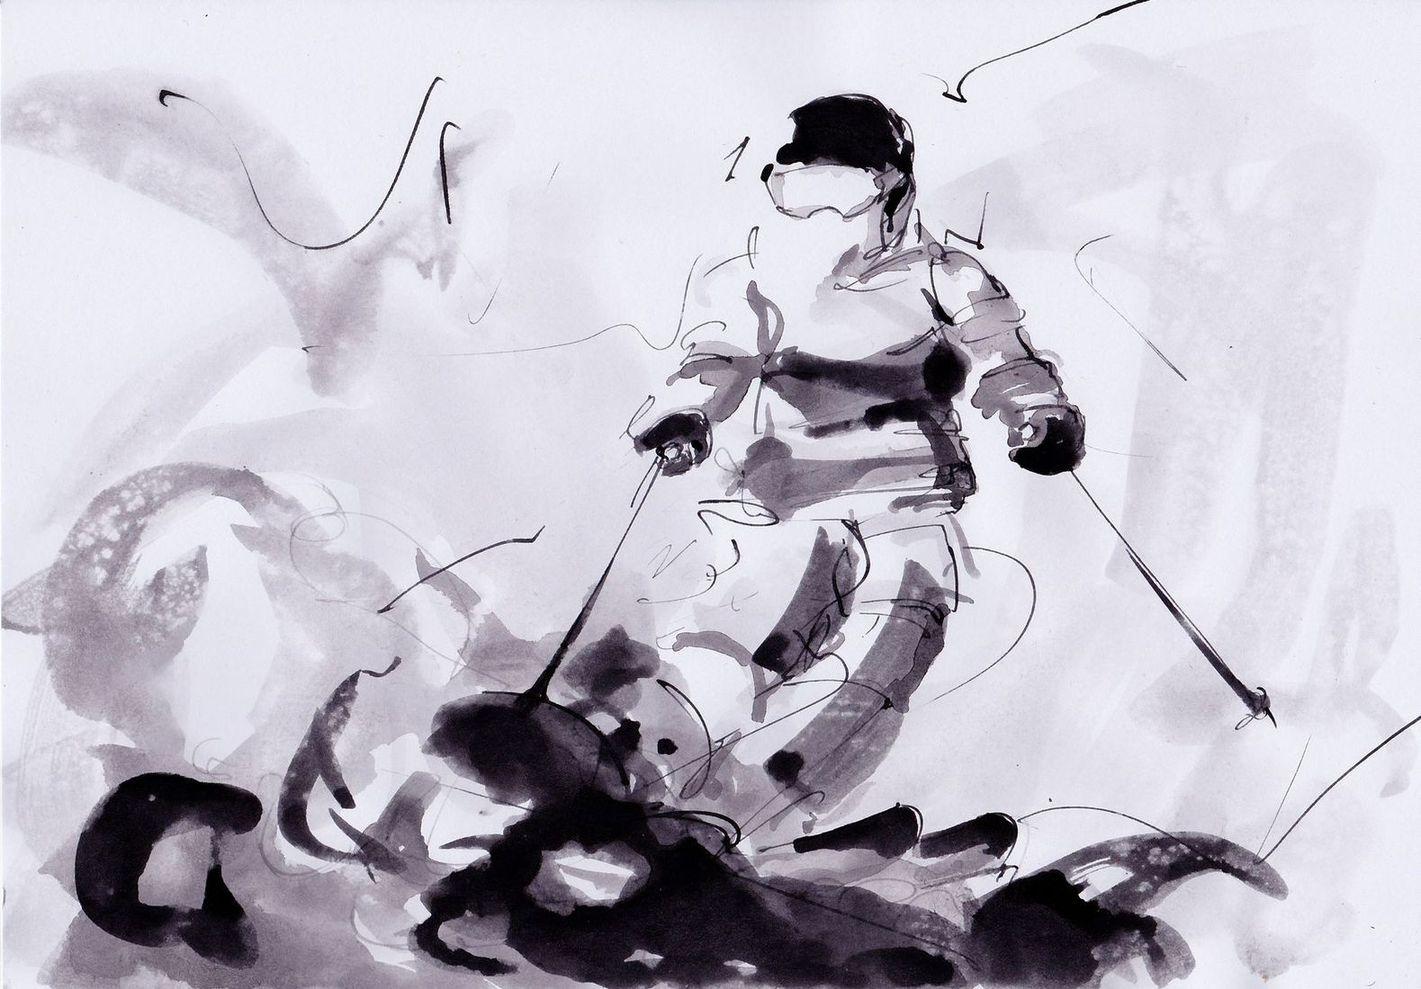 art peinture sport de glisse ski Jeux olympiques d'hiver Médaille d'or Pyeongchang JO 2018 : la victoire de Perrine Laffont en ski acrobatique